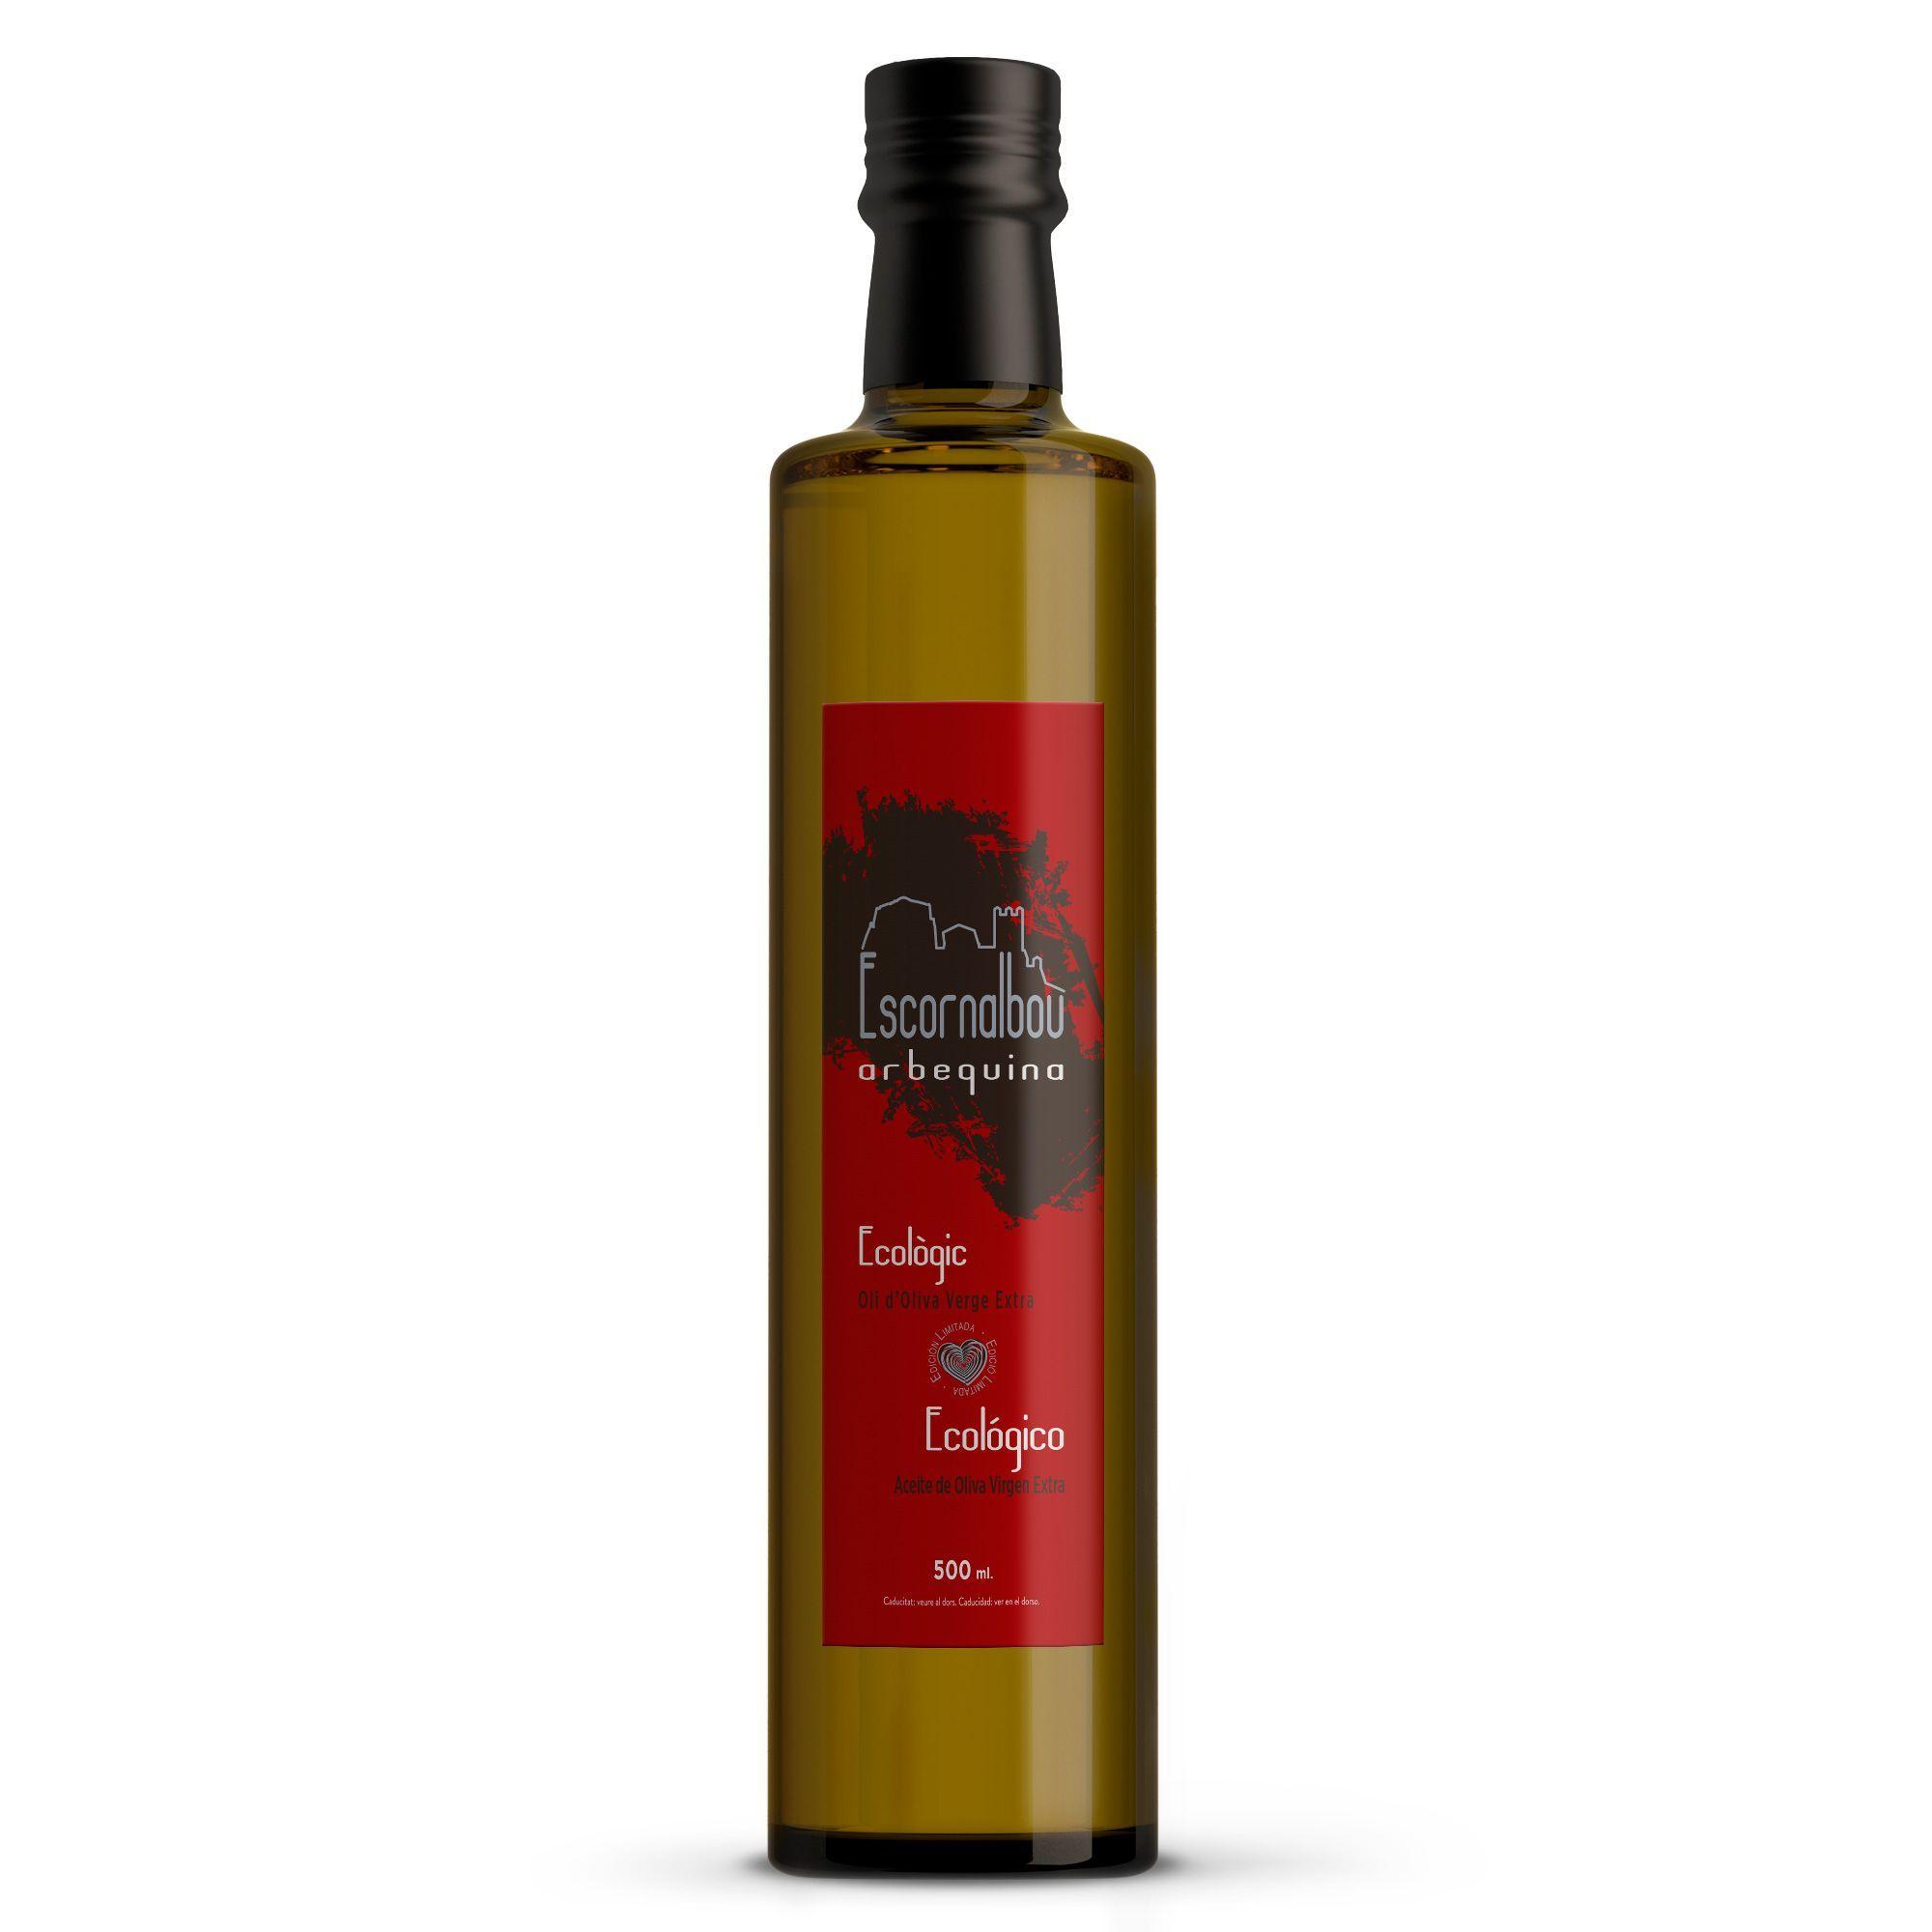 Comprar 500 ml Aceite De Oliva Virgen Extra Ecológico 100% Arbequina - Botella De Cristal | Escornalbou Gourmet ECO